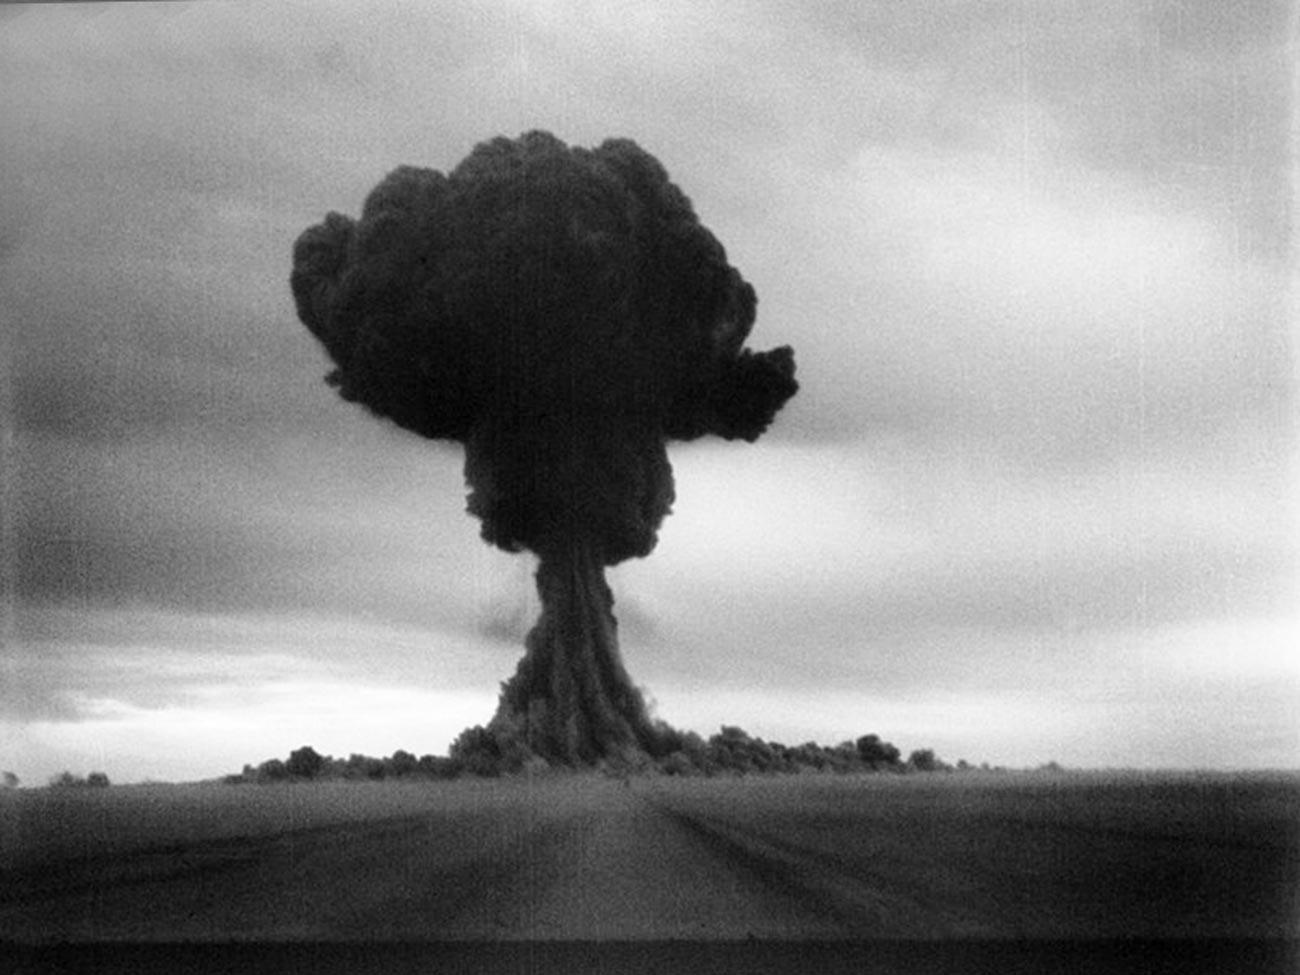 Испытание атомной бомбы в СССР.